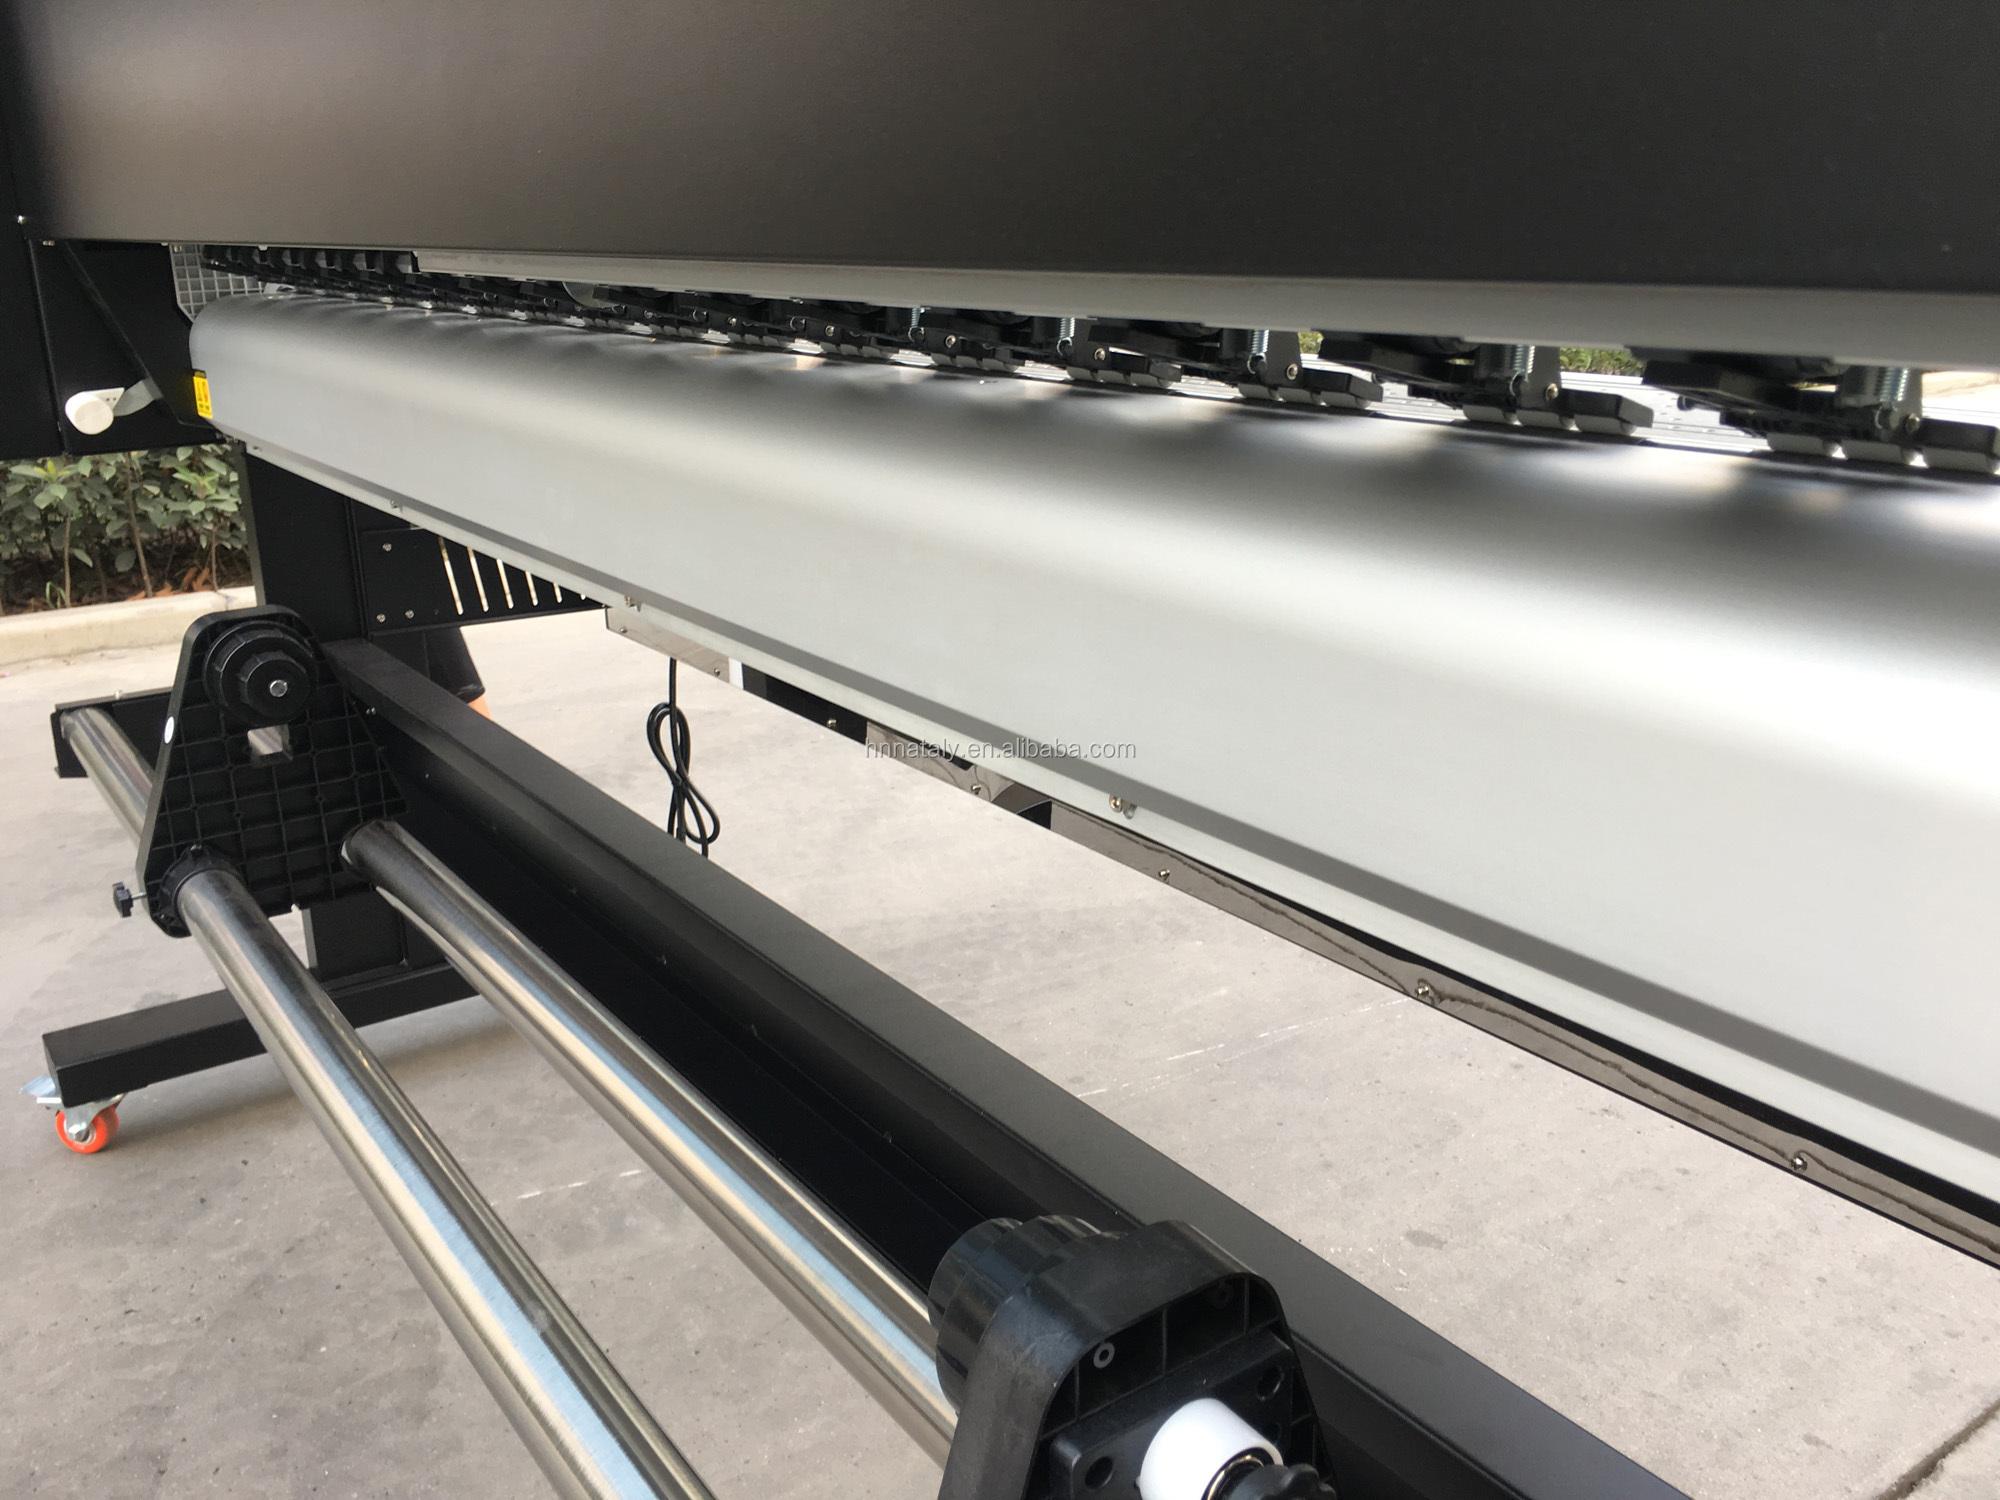 Высокое Качество Наружные струйные обои баннер автомобильный стикер эко inkjet eco solvent printer.jpg